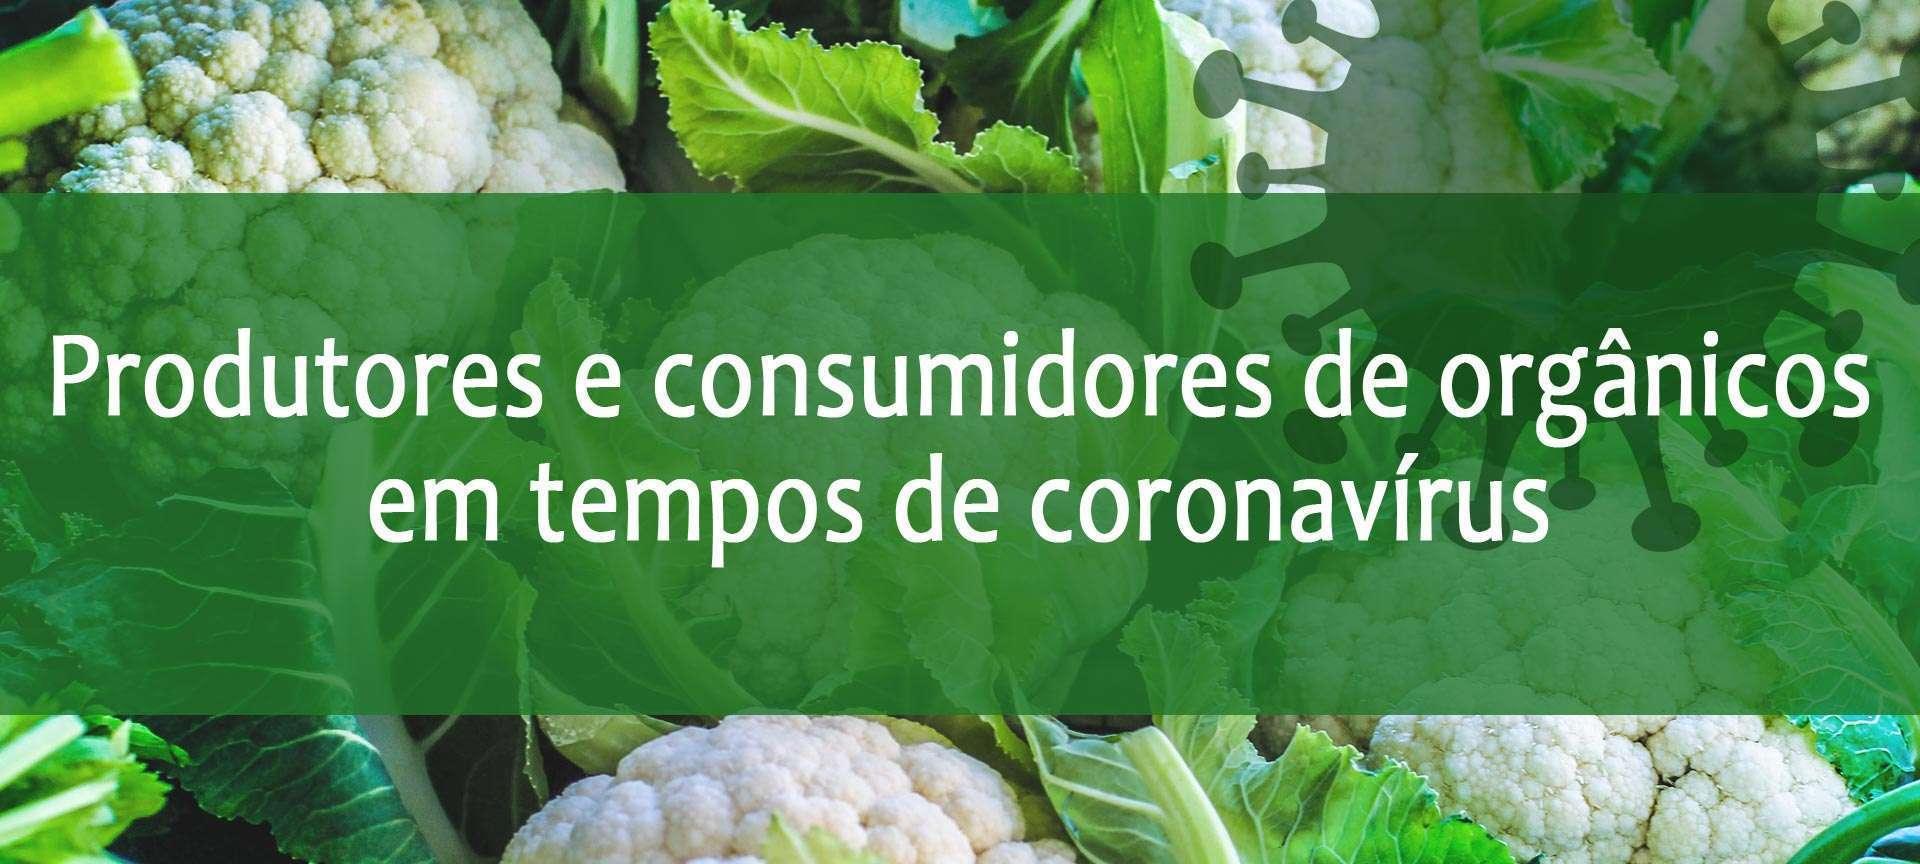 Coronavírus informações